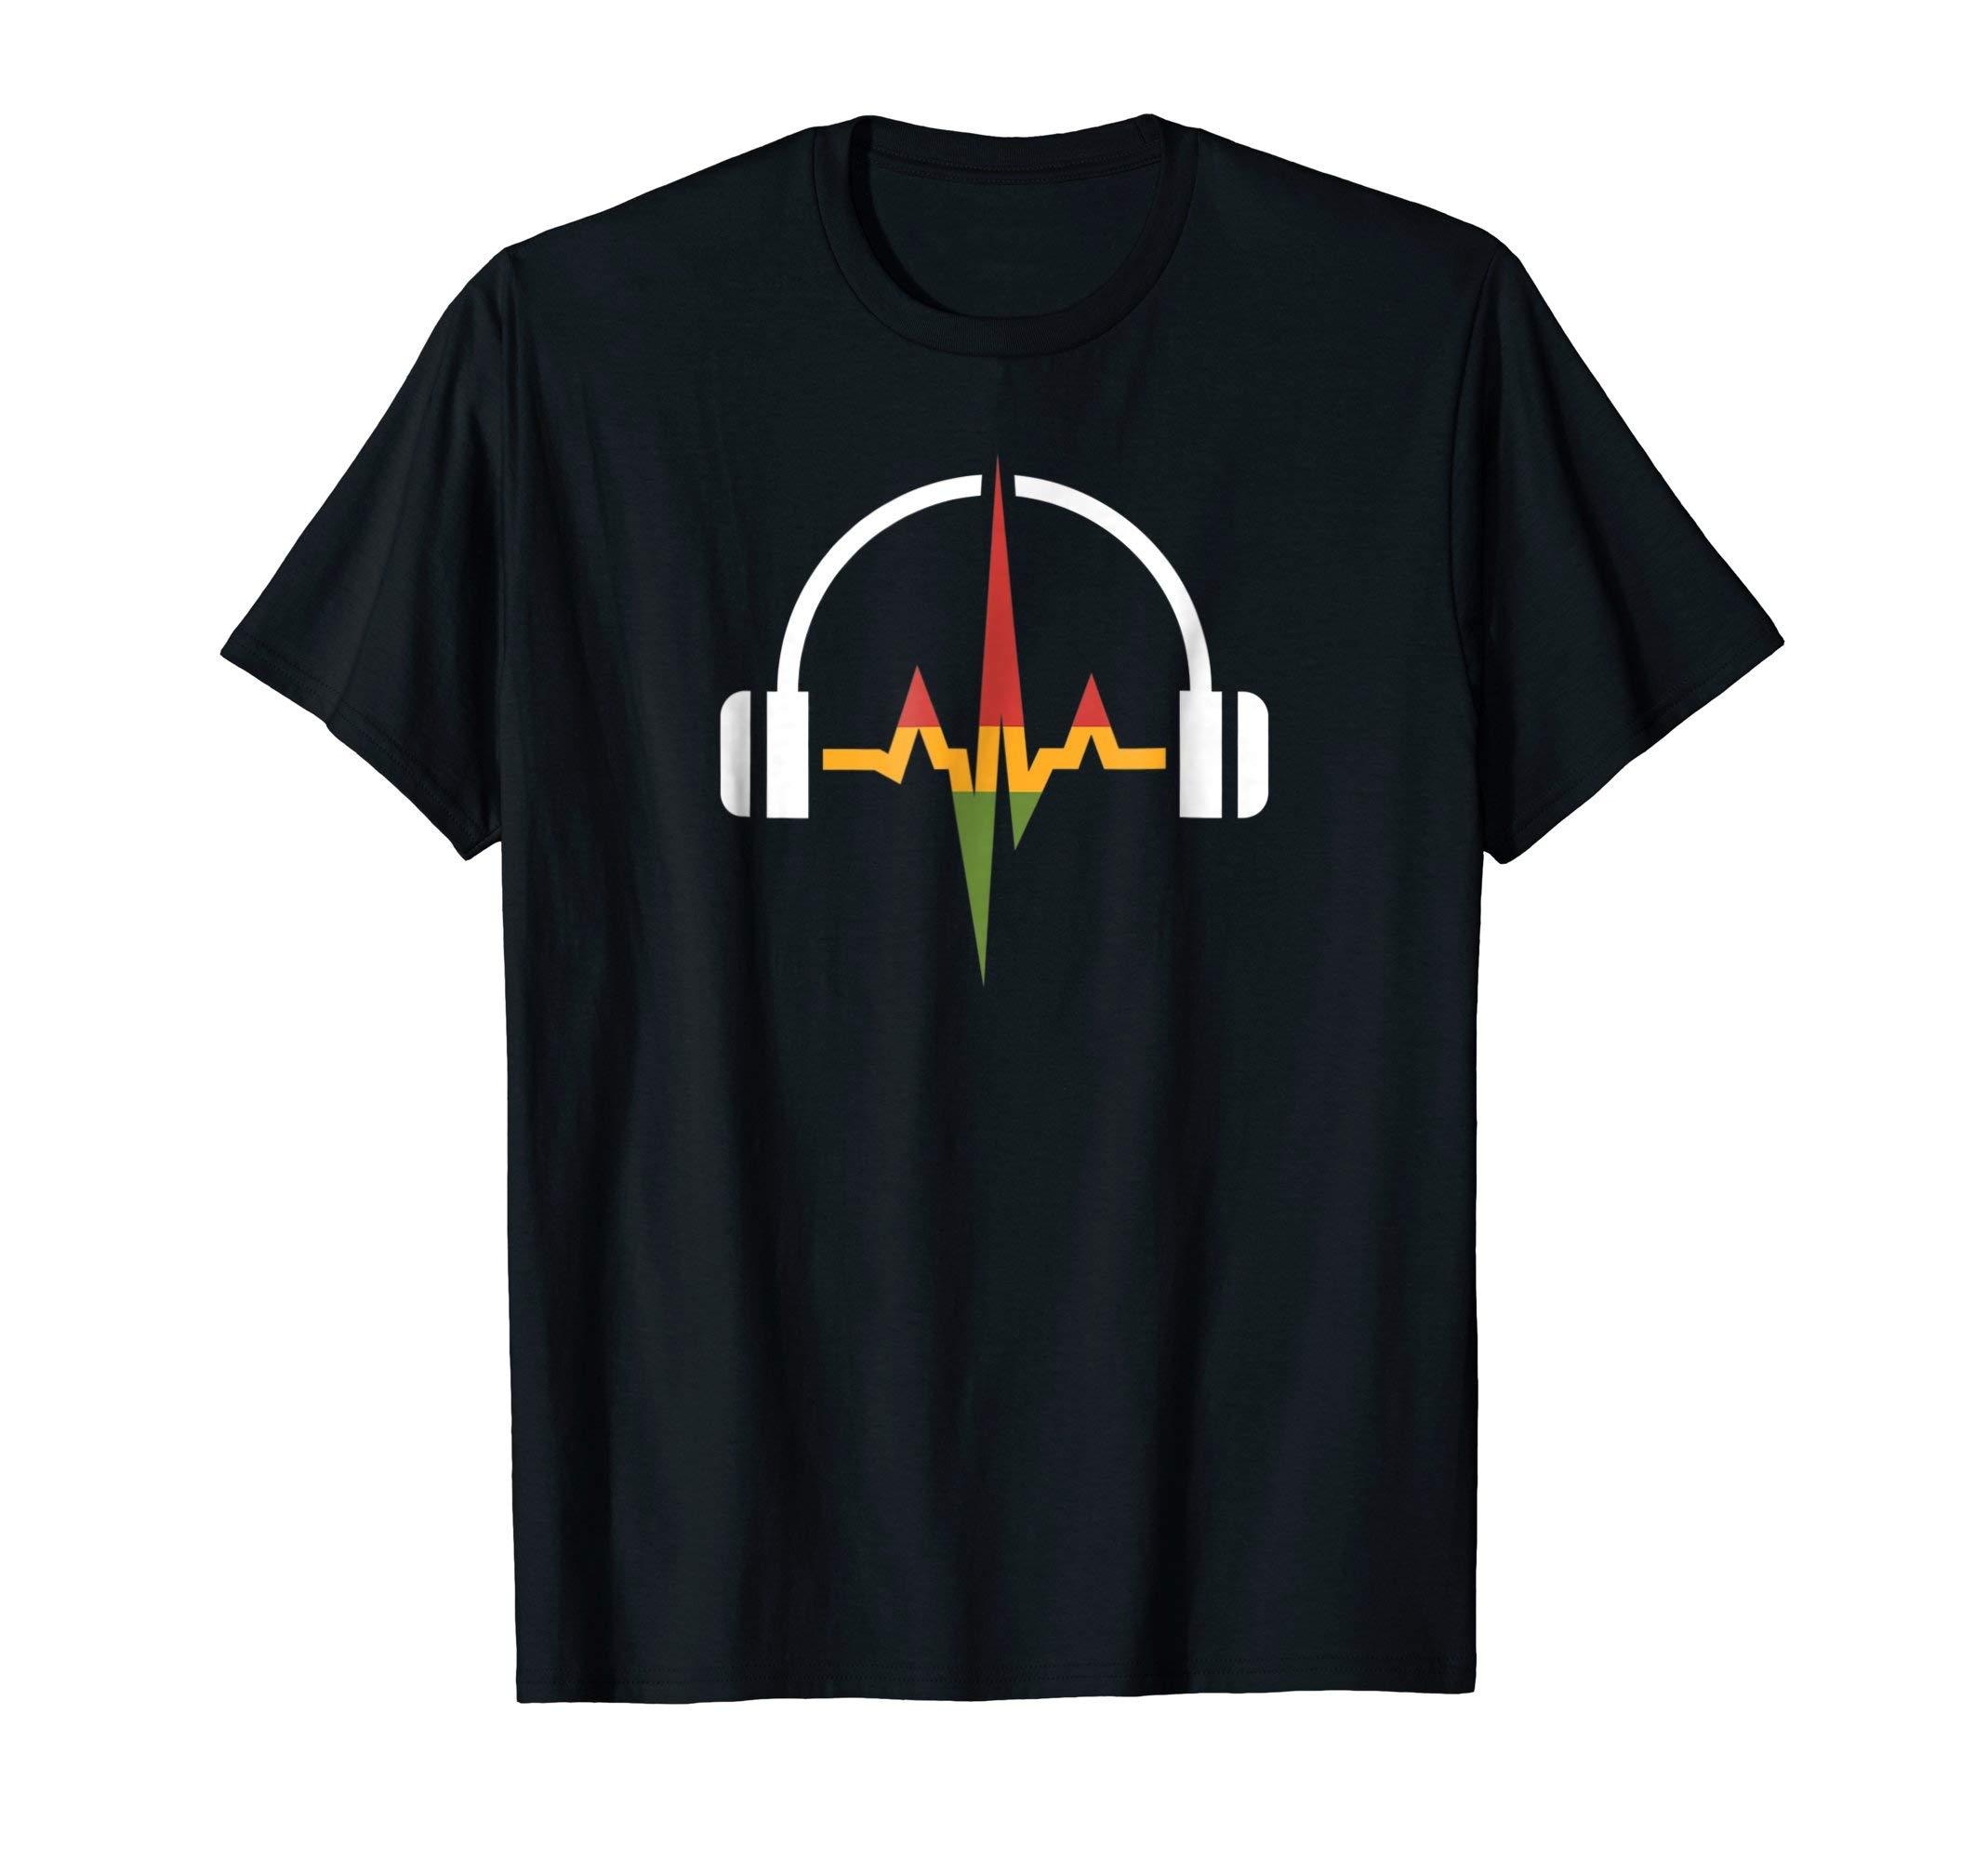 Rasta Headphones And Music Wave T-shirt